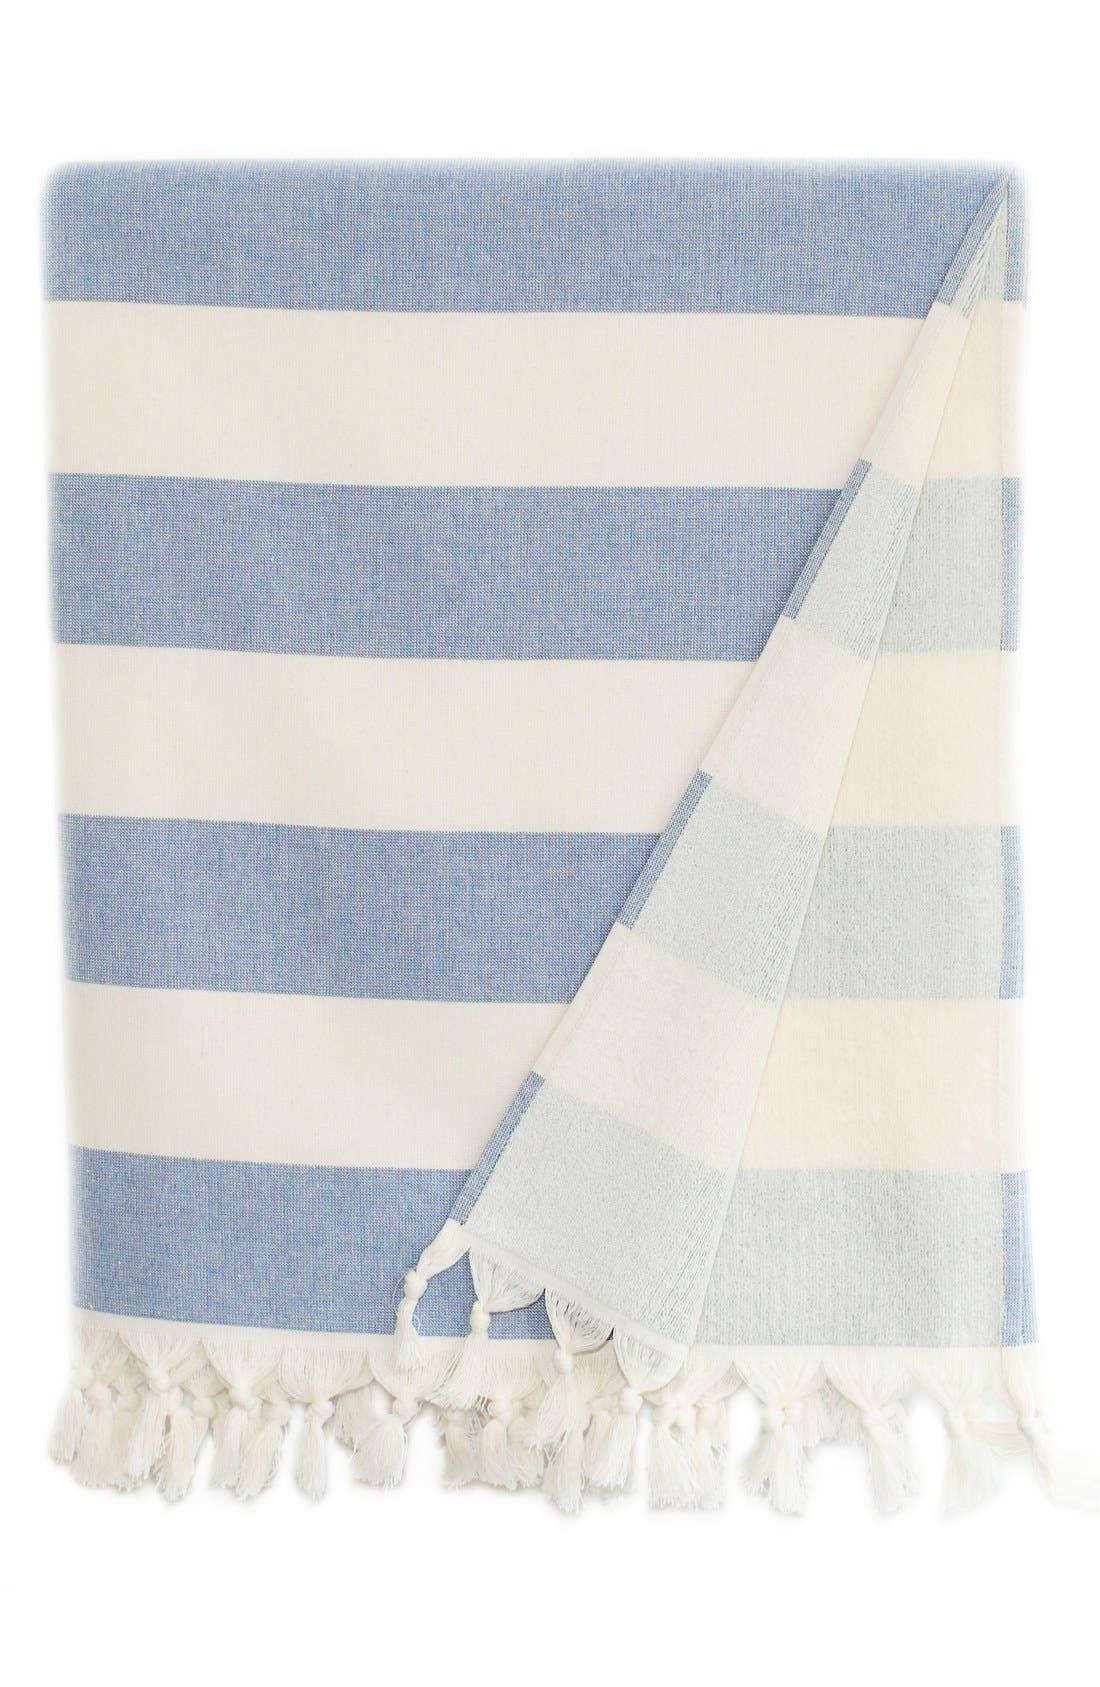 'Patara' Turkish Pestemal Towel,                             Main thumbnail 1, color,                             Royal Blue